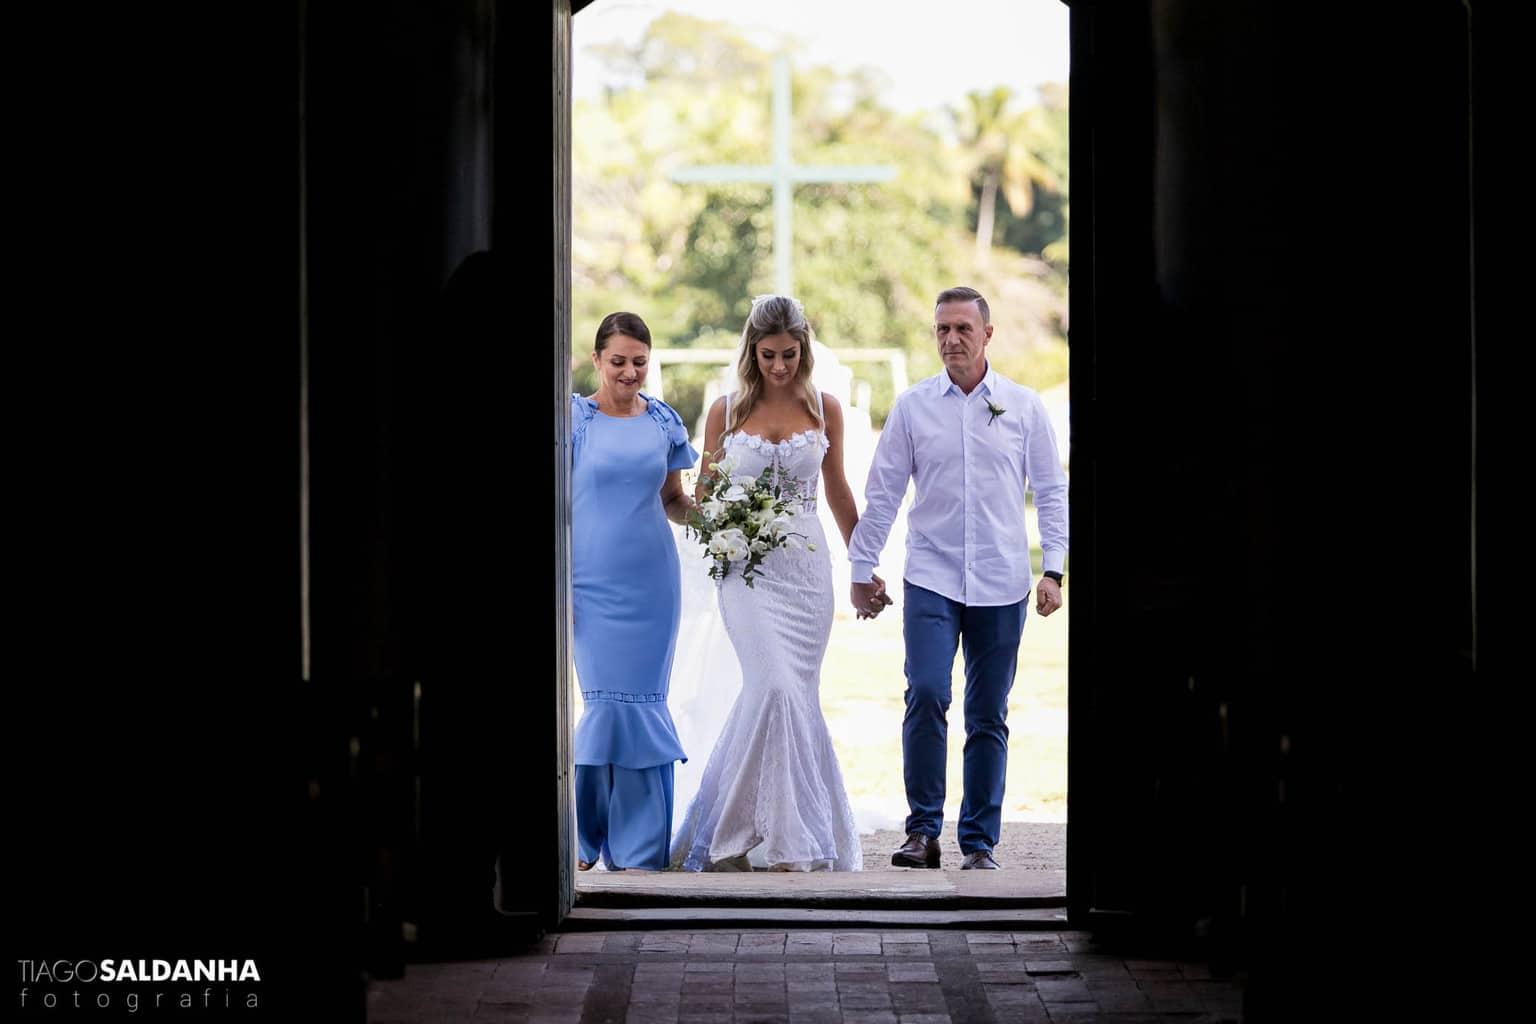 Casamento-Chandrélin-e-Laureano-cerimonia-na-igreja-Chan-e-Lau-Igreja-do-Quadrado-Trancoso1